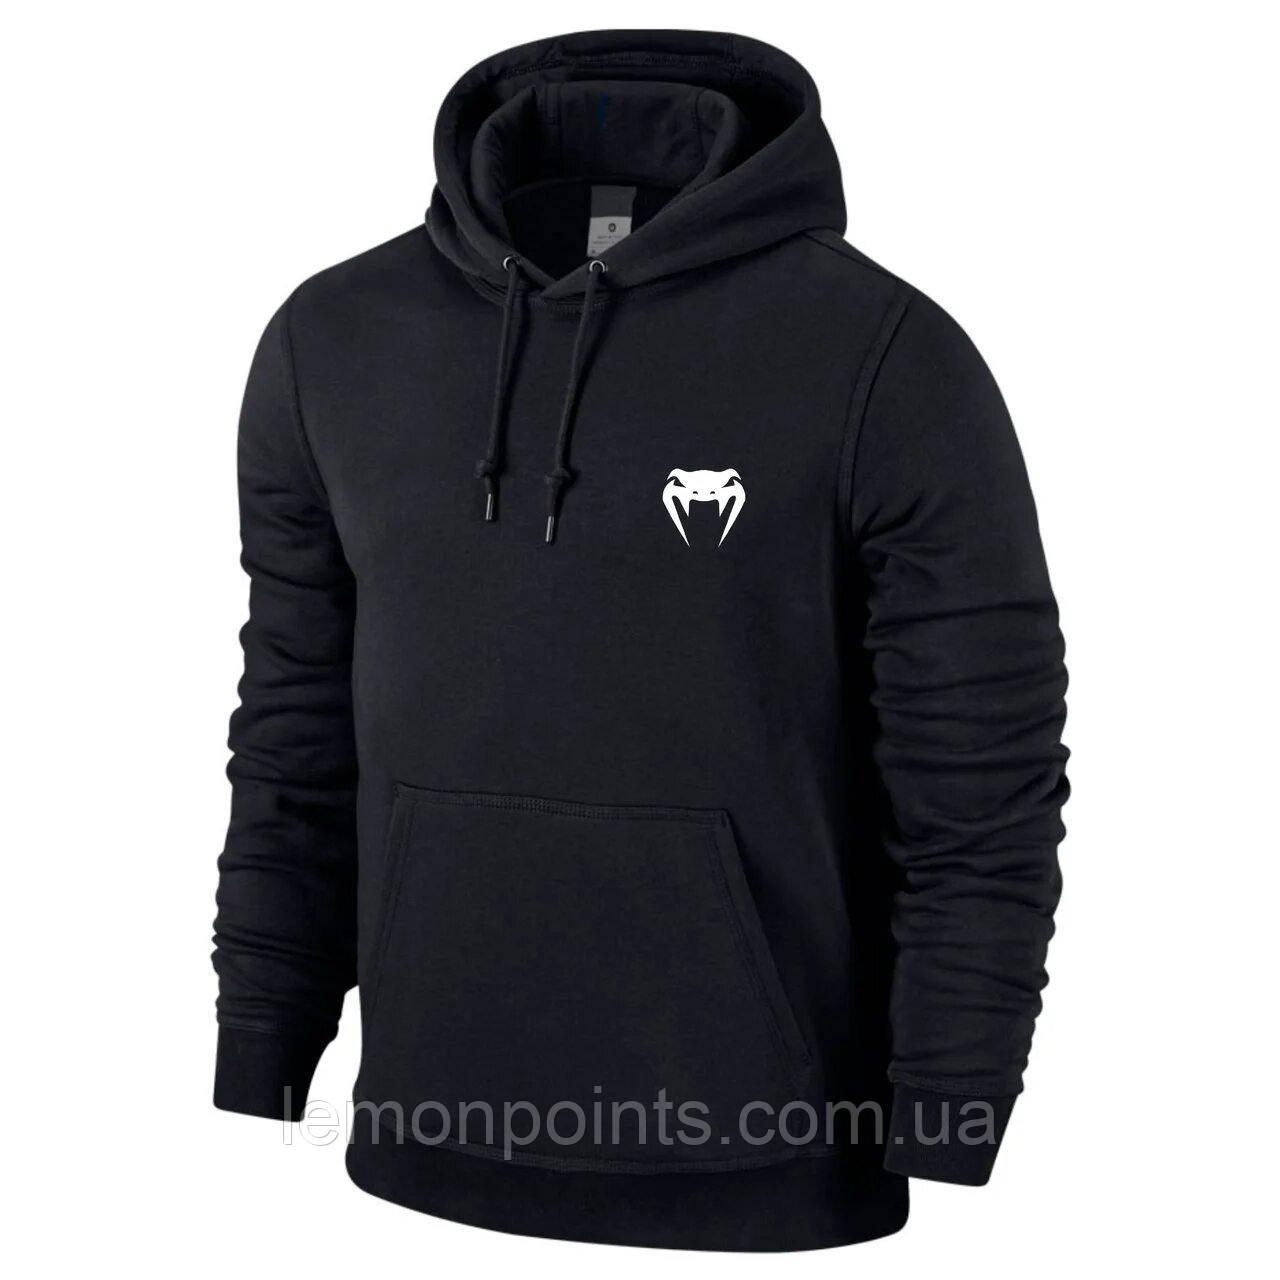 Теплая мужская спортивная толстовка, худи, кенгурушка Venum (Венум) черная (ФЛИС)